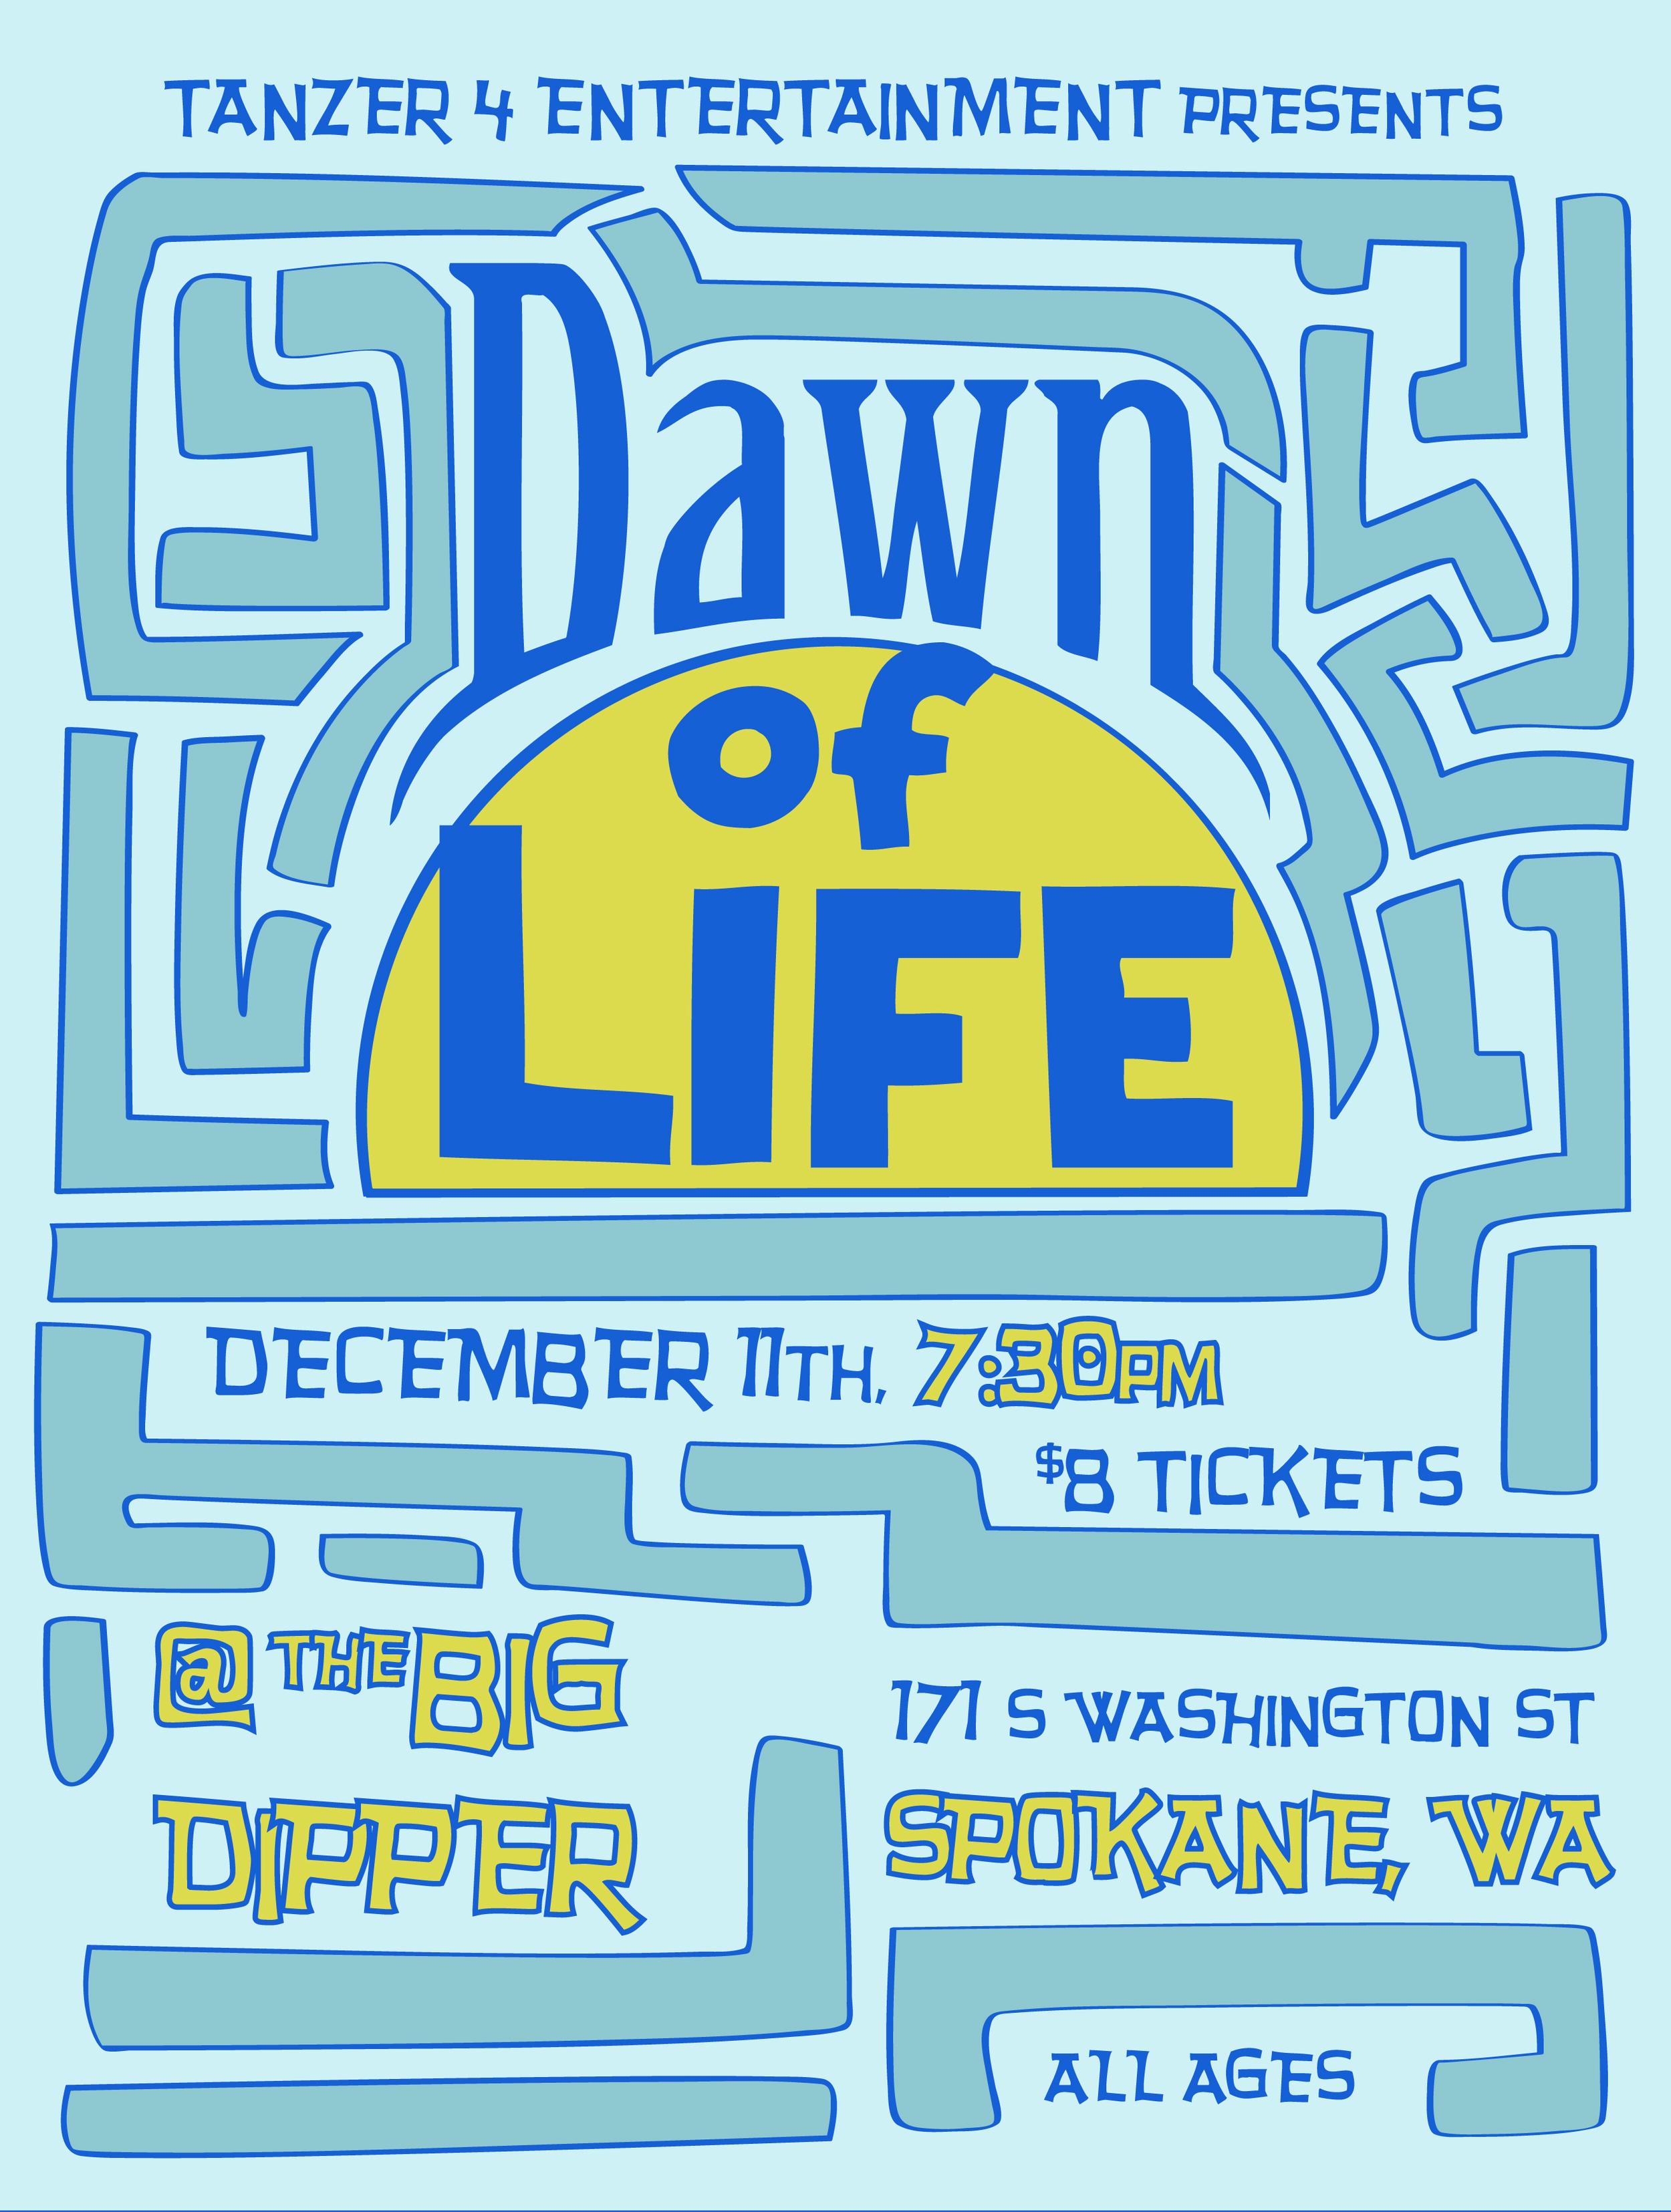 Dawn of Life Poster3_BigDipper.jpg